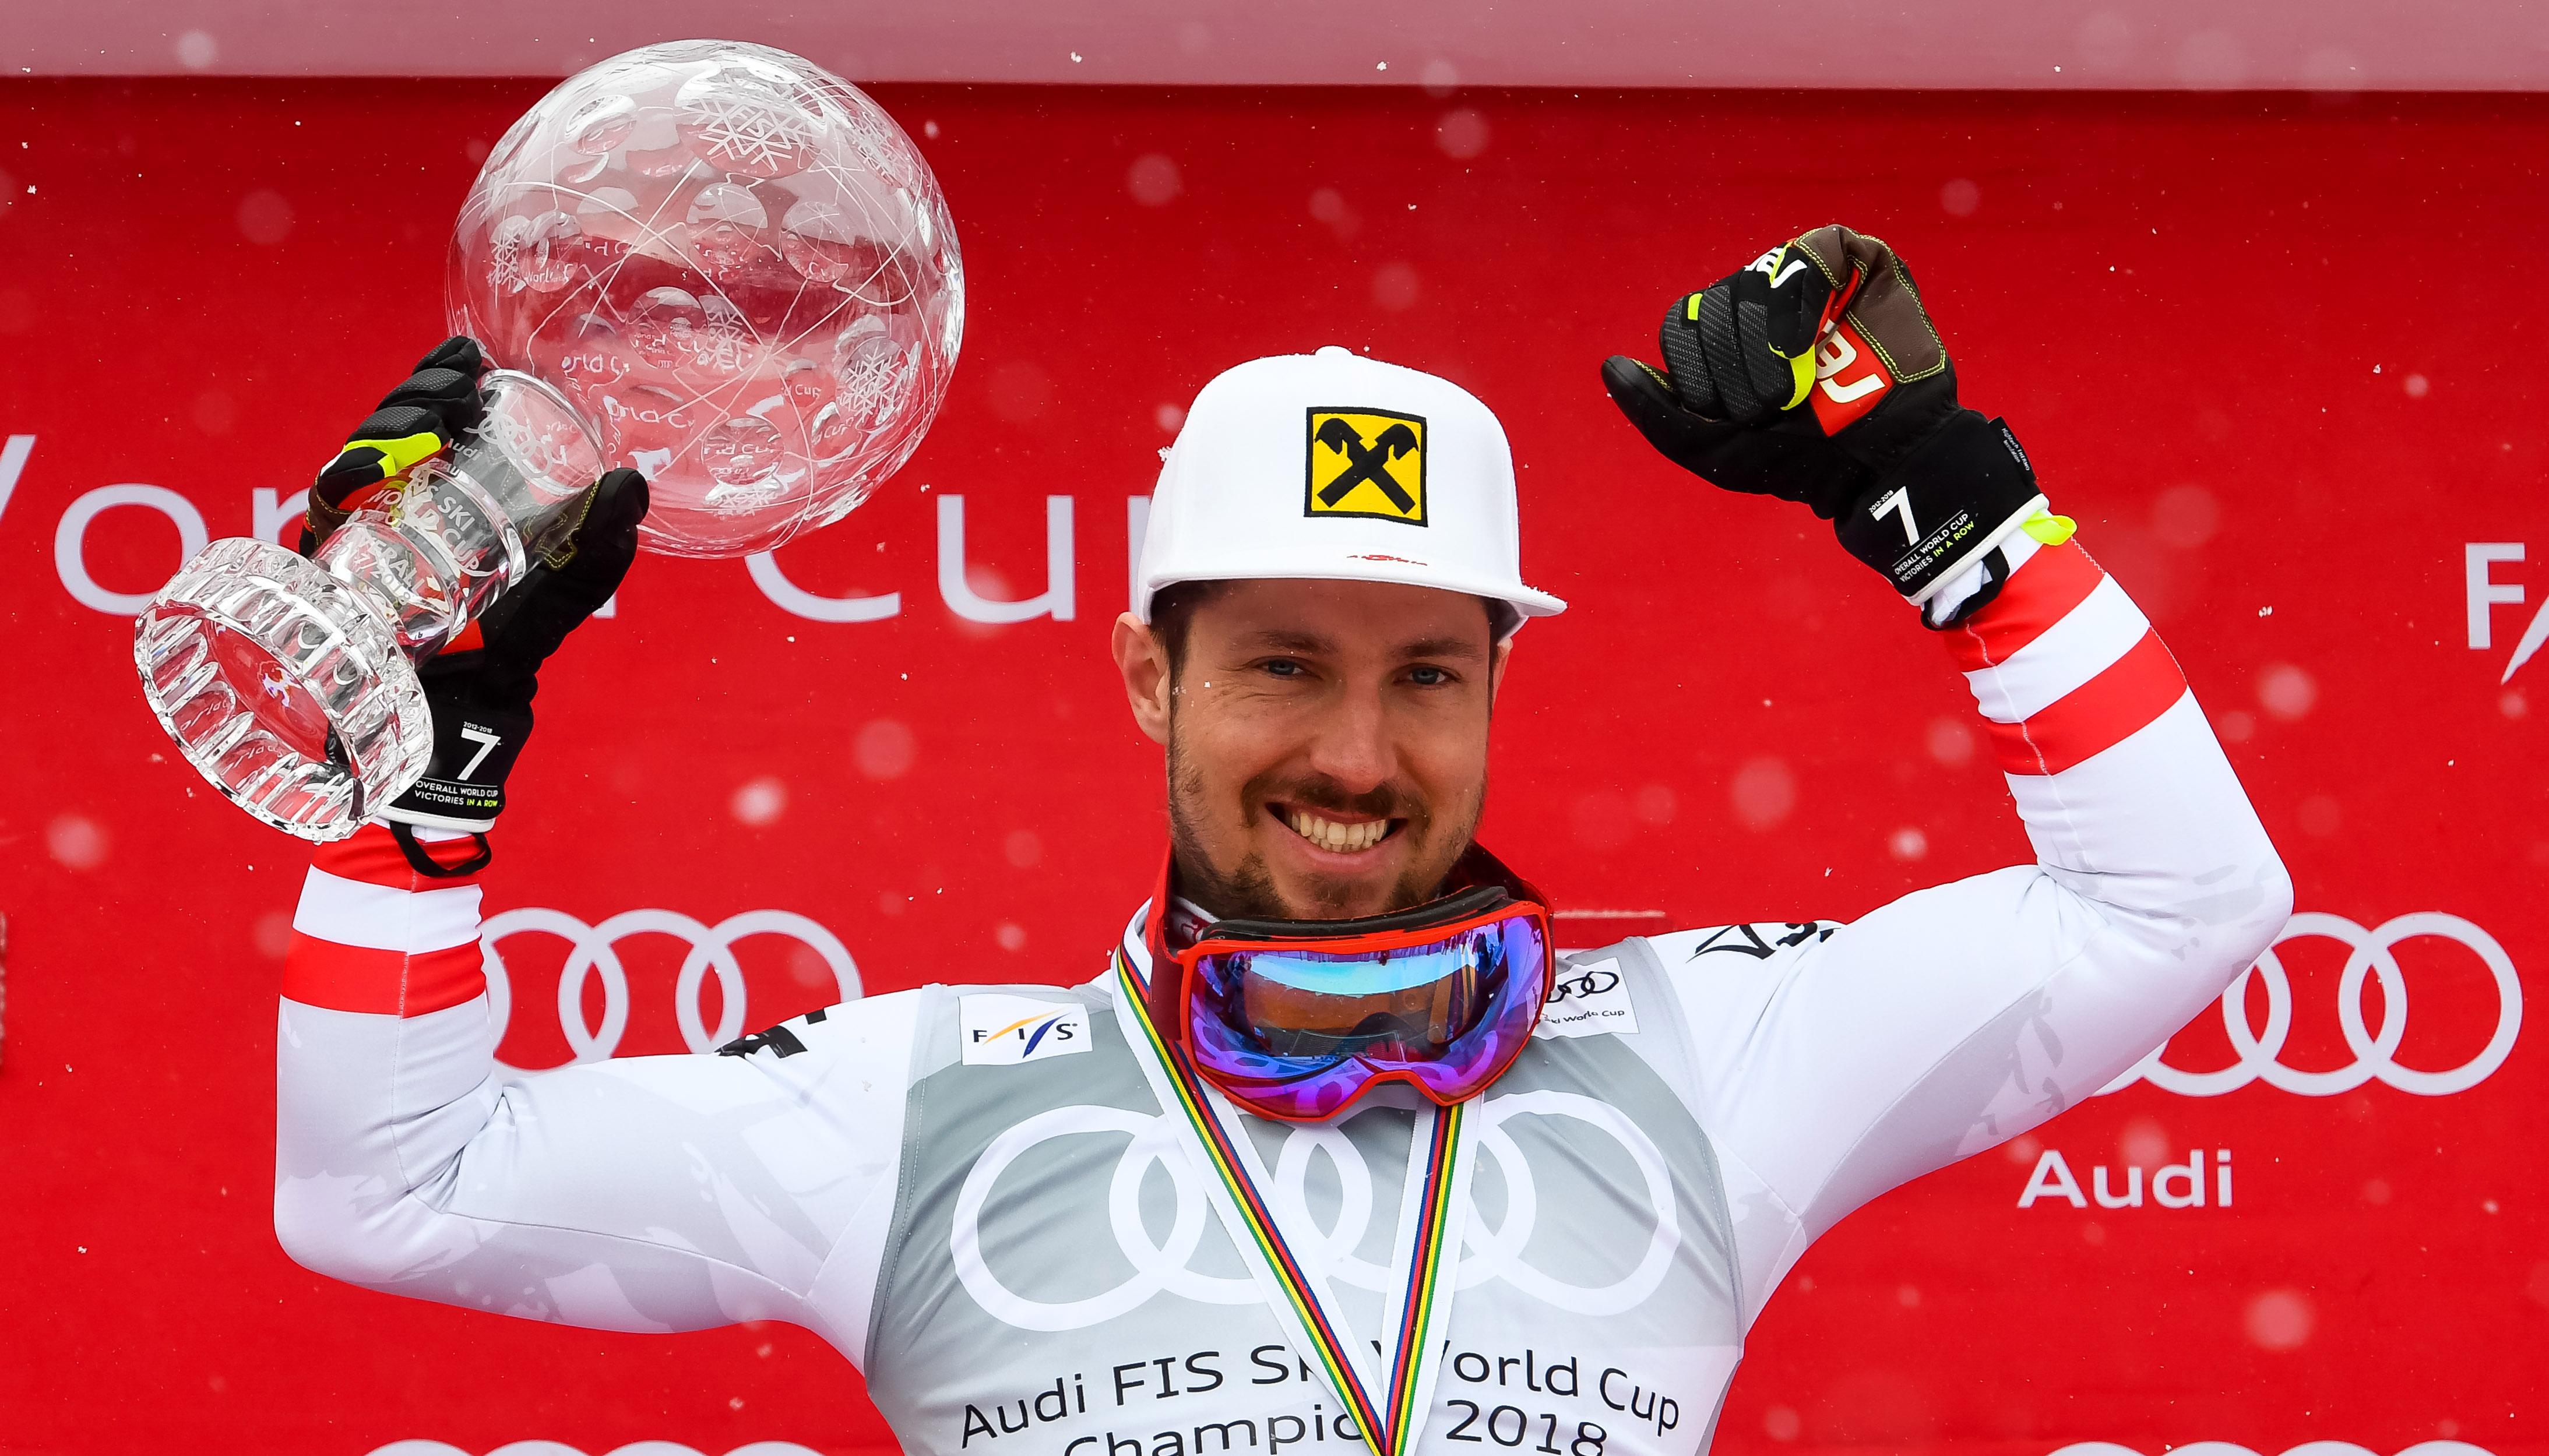 Weltcup-Finale: Hirscher-Entscheidung und letzte offene Fragen